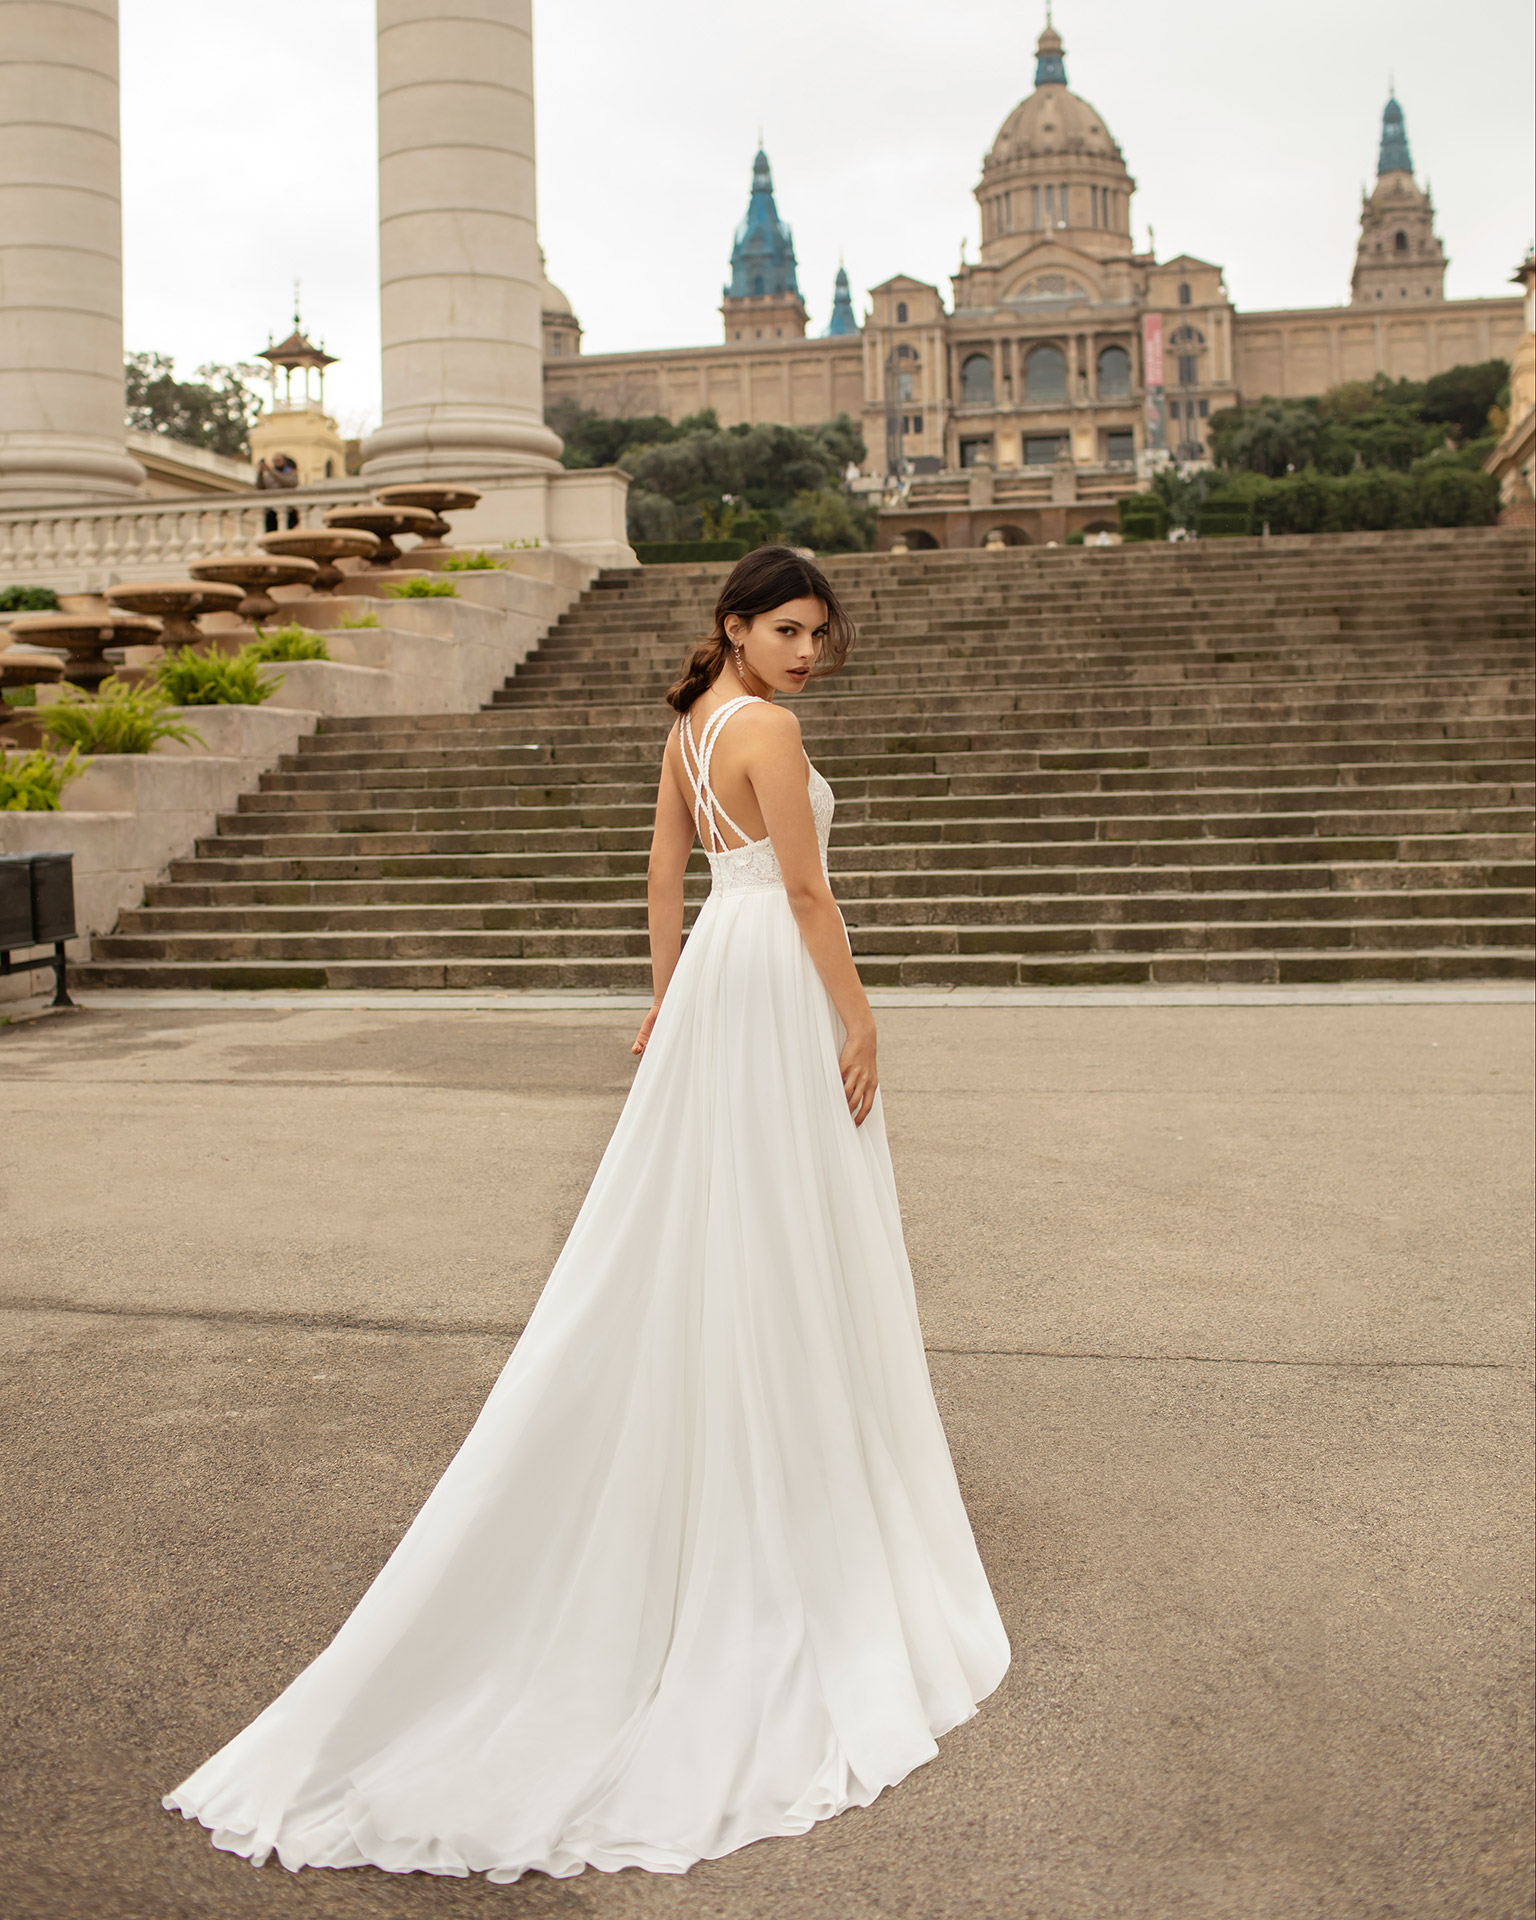 Vestido de novia ligero gasa y encaje rebrodé con espalda de tirantes cruzados. Colección ALMANOVIA 2020.